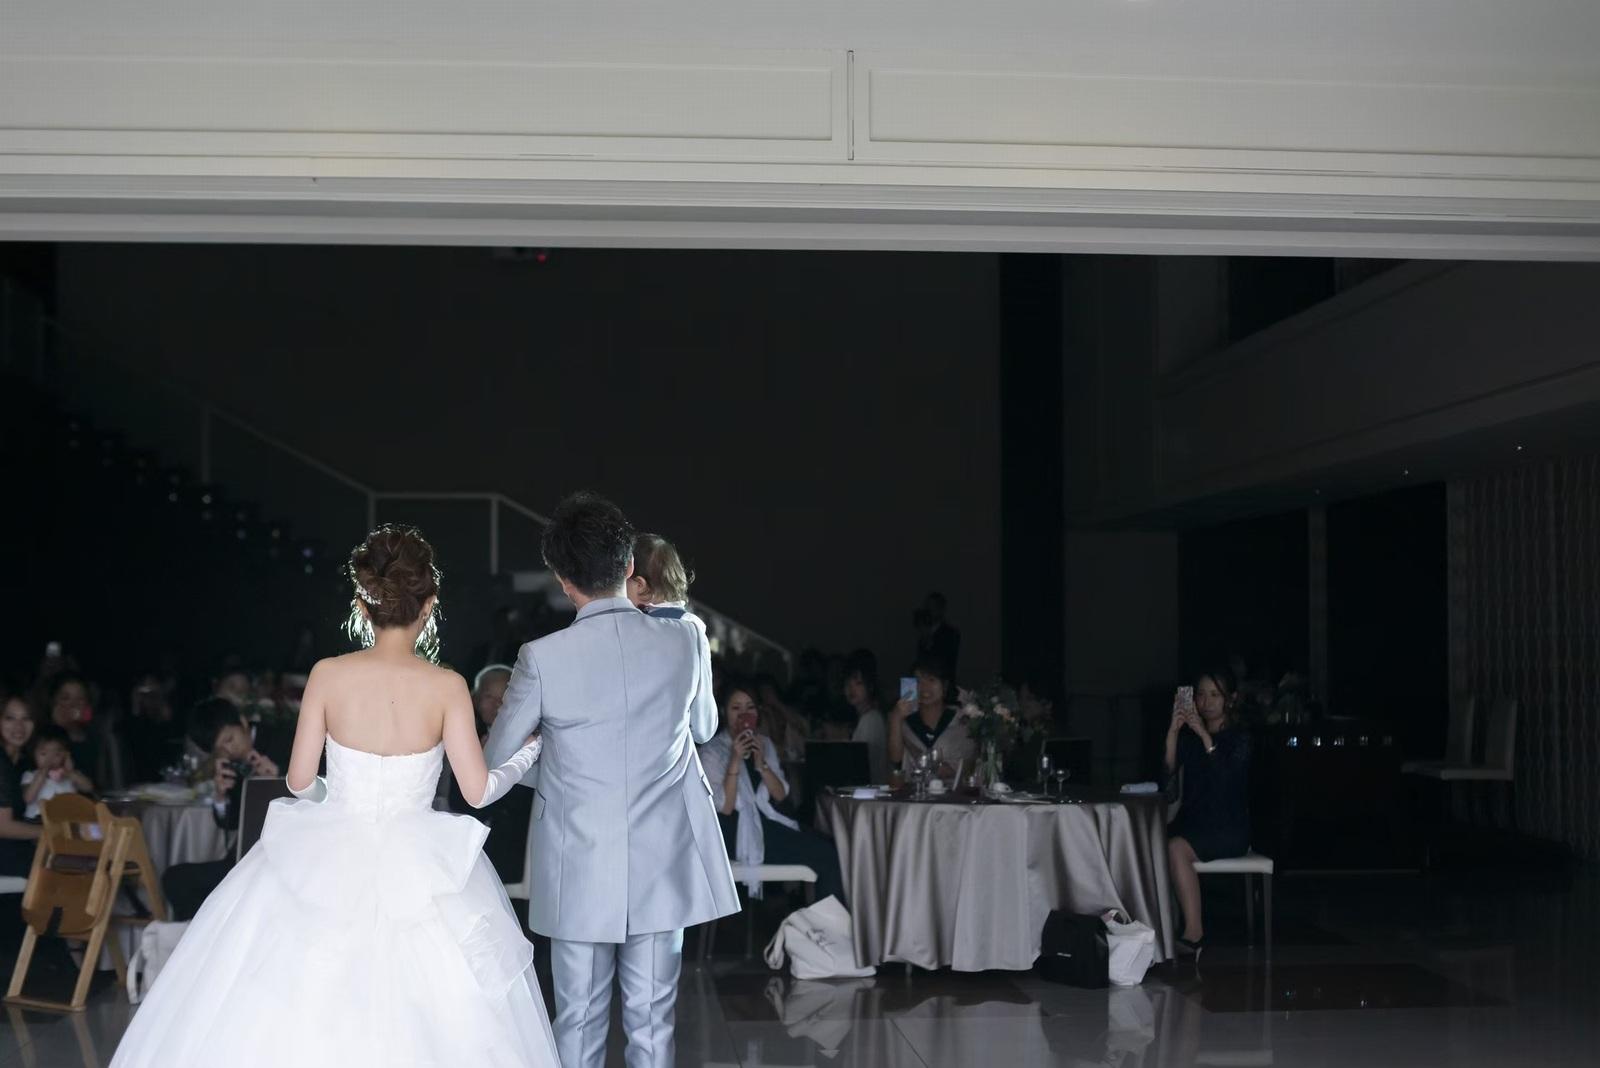 香川県の結婚式場シェルエメール&アイスタイルのガーデン入場